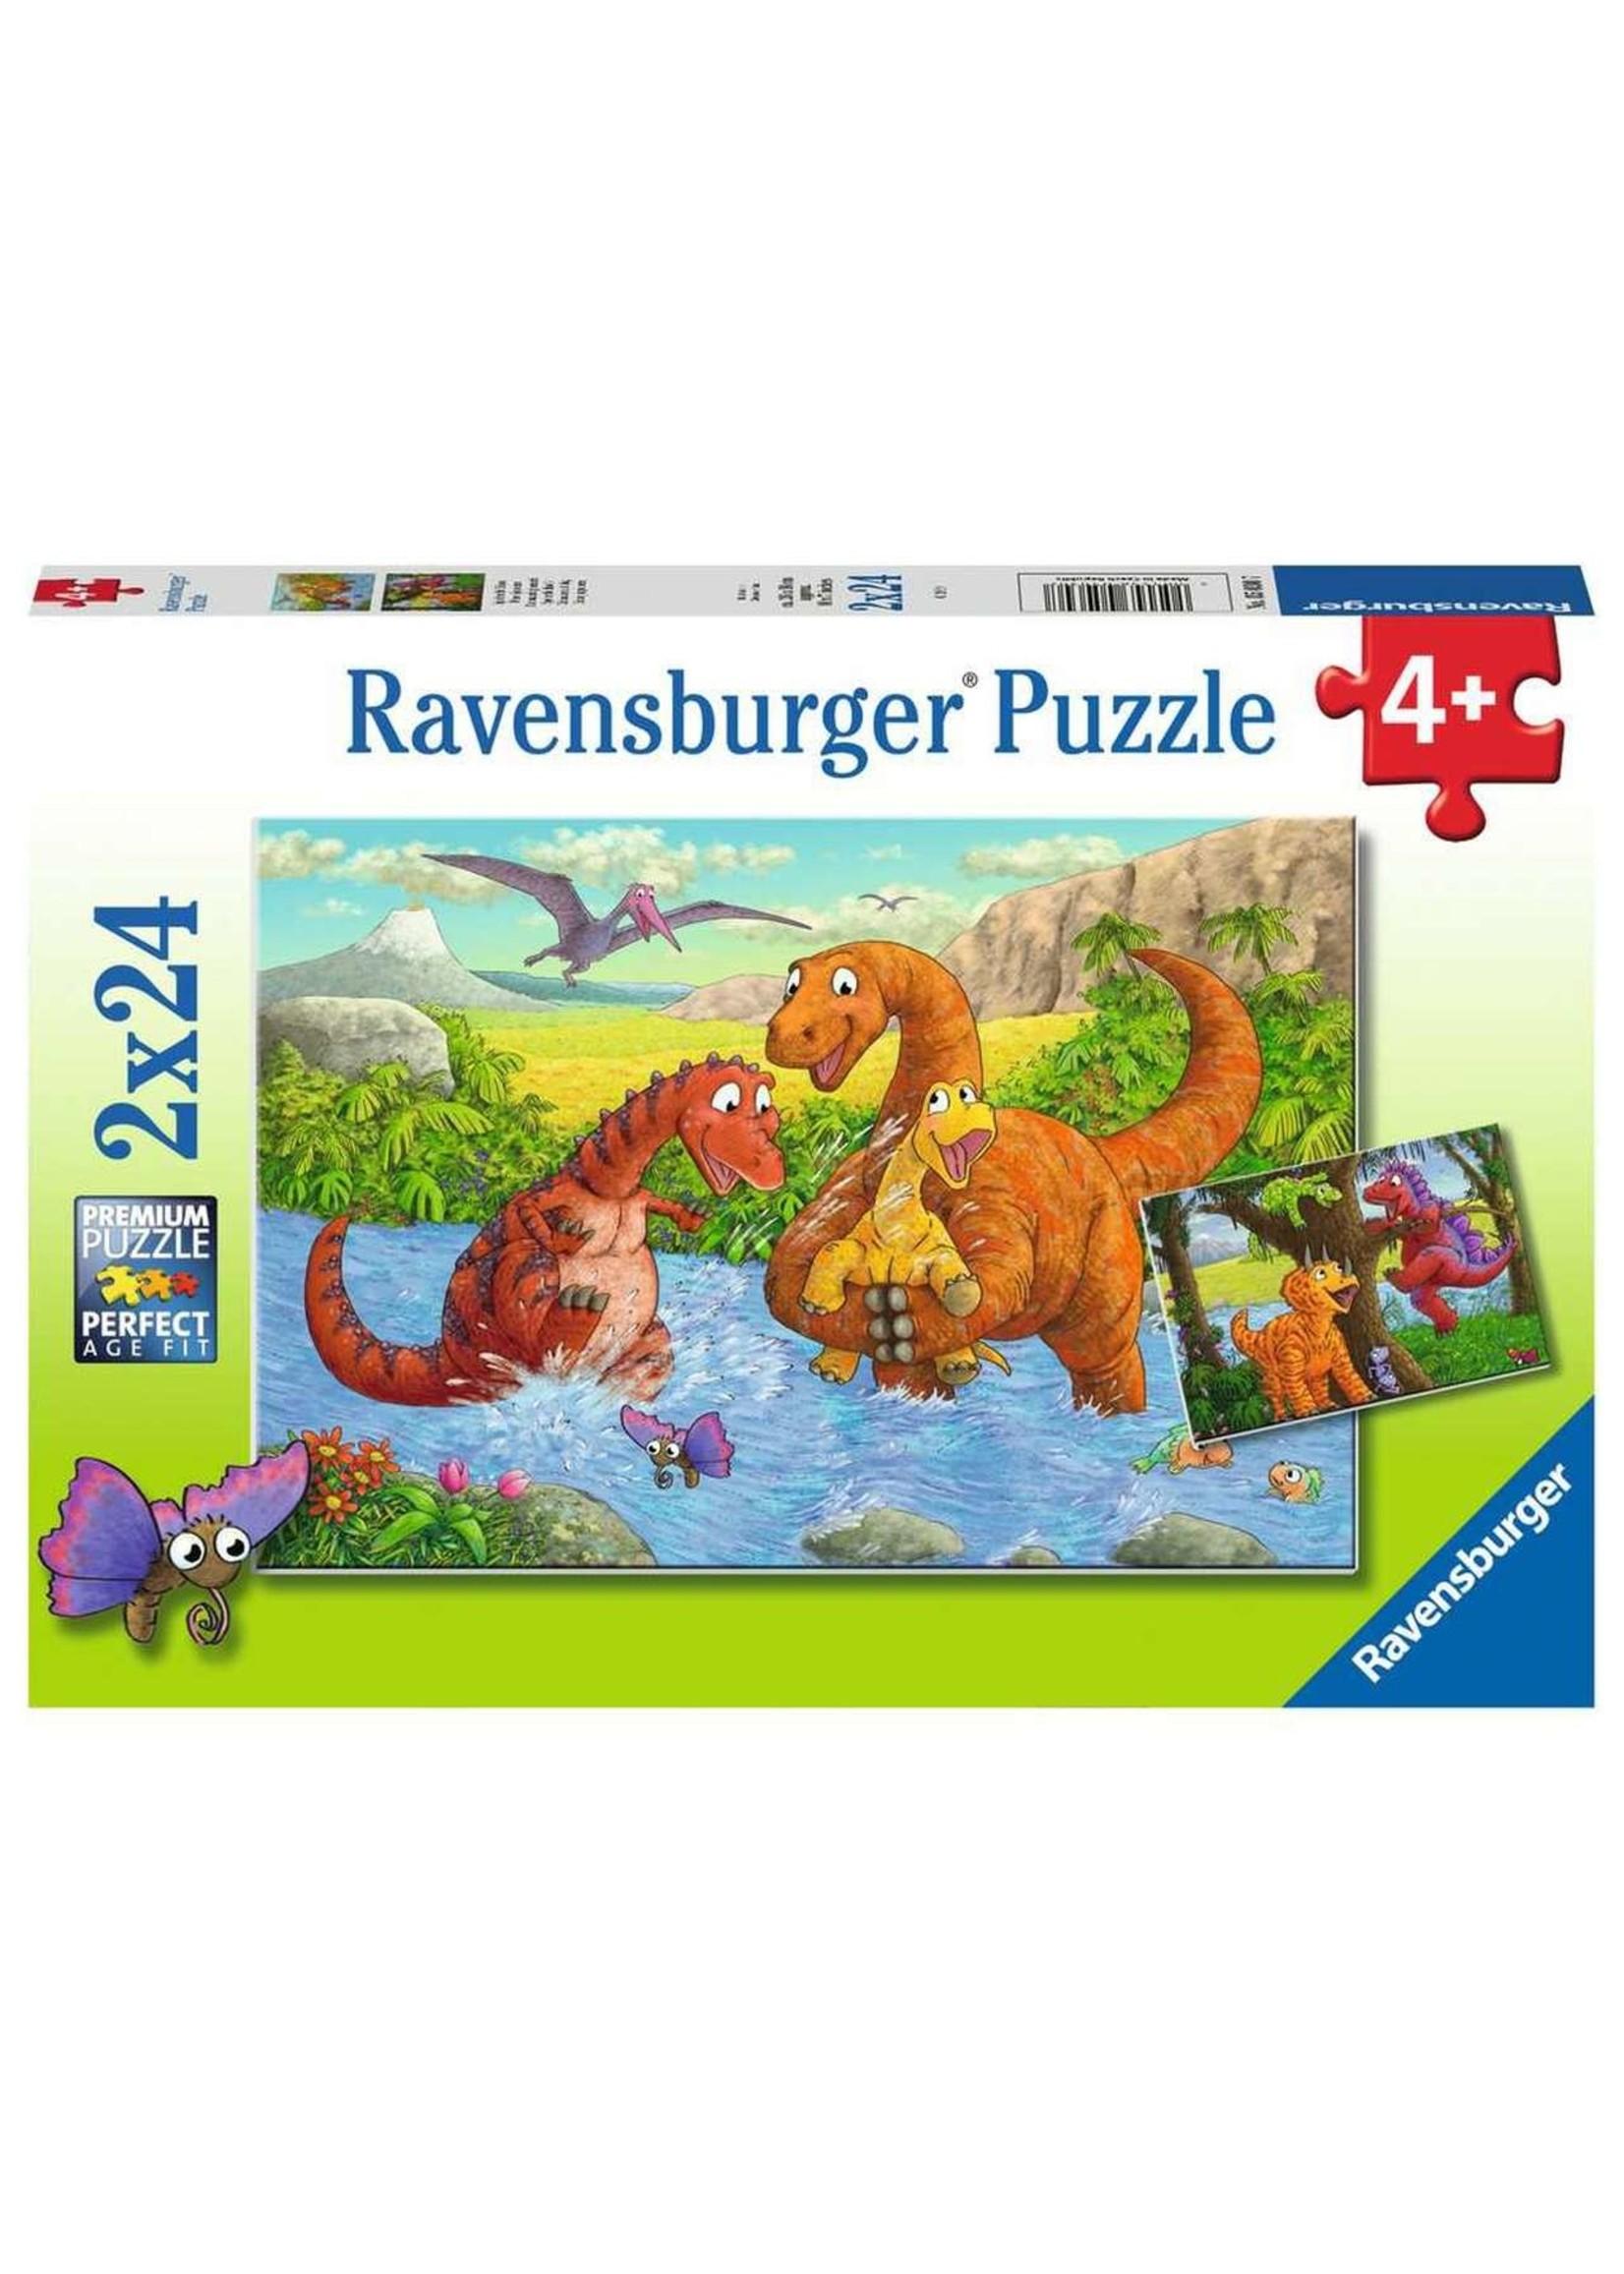 Ravensburger 2x24pc puzzle Dinosaurs at Play